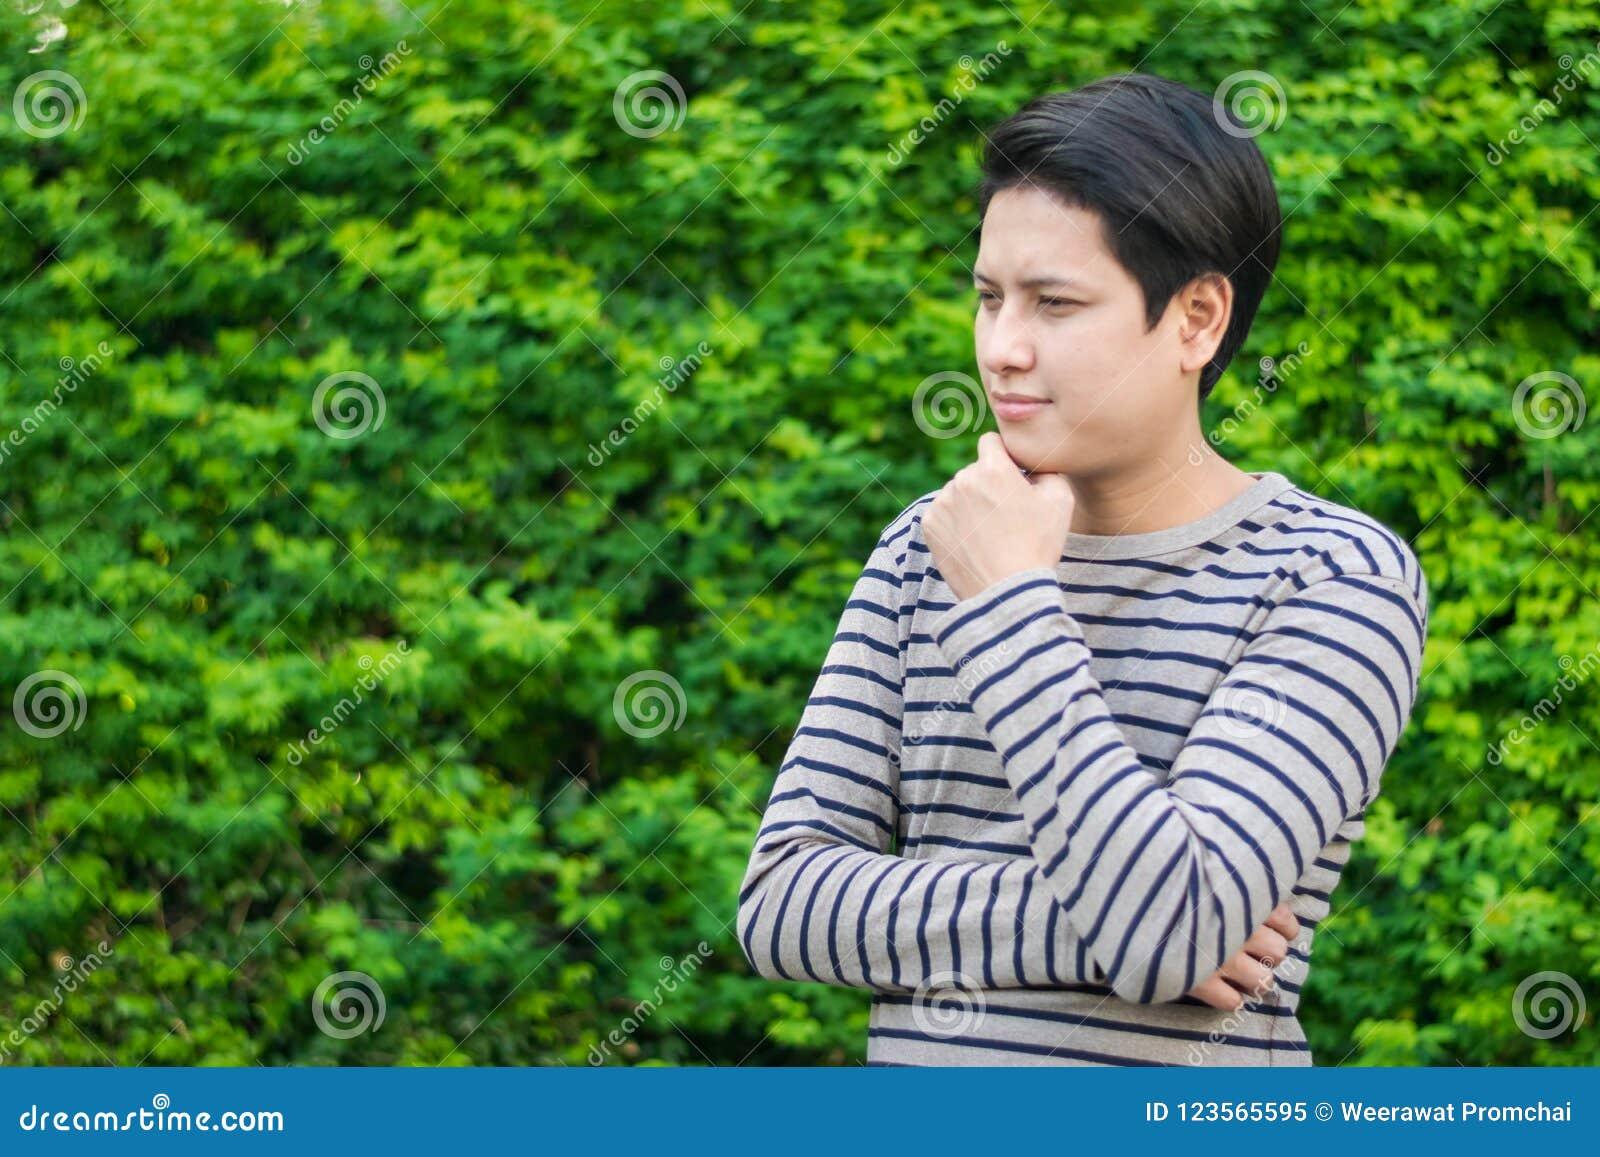 Ασιατικό άτομο που στέκεται και που σκέφτεται κάτι